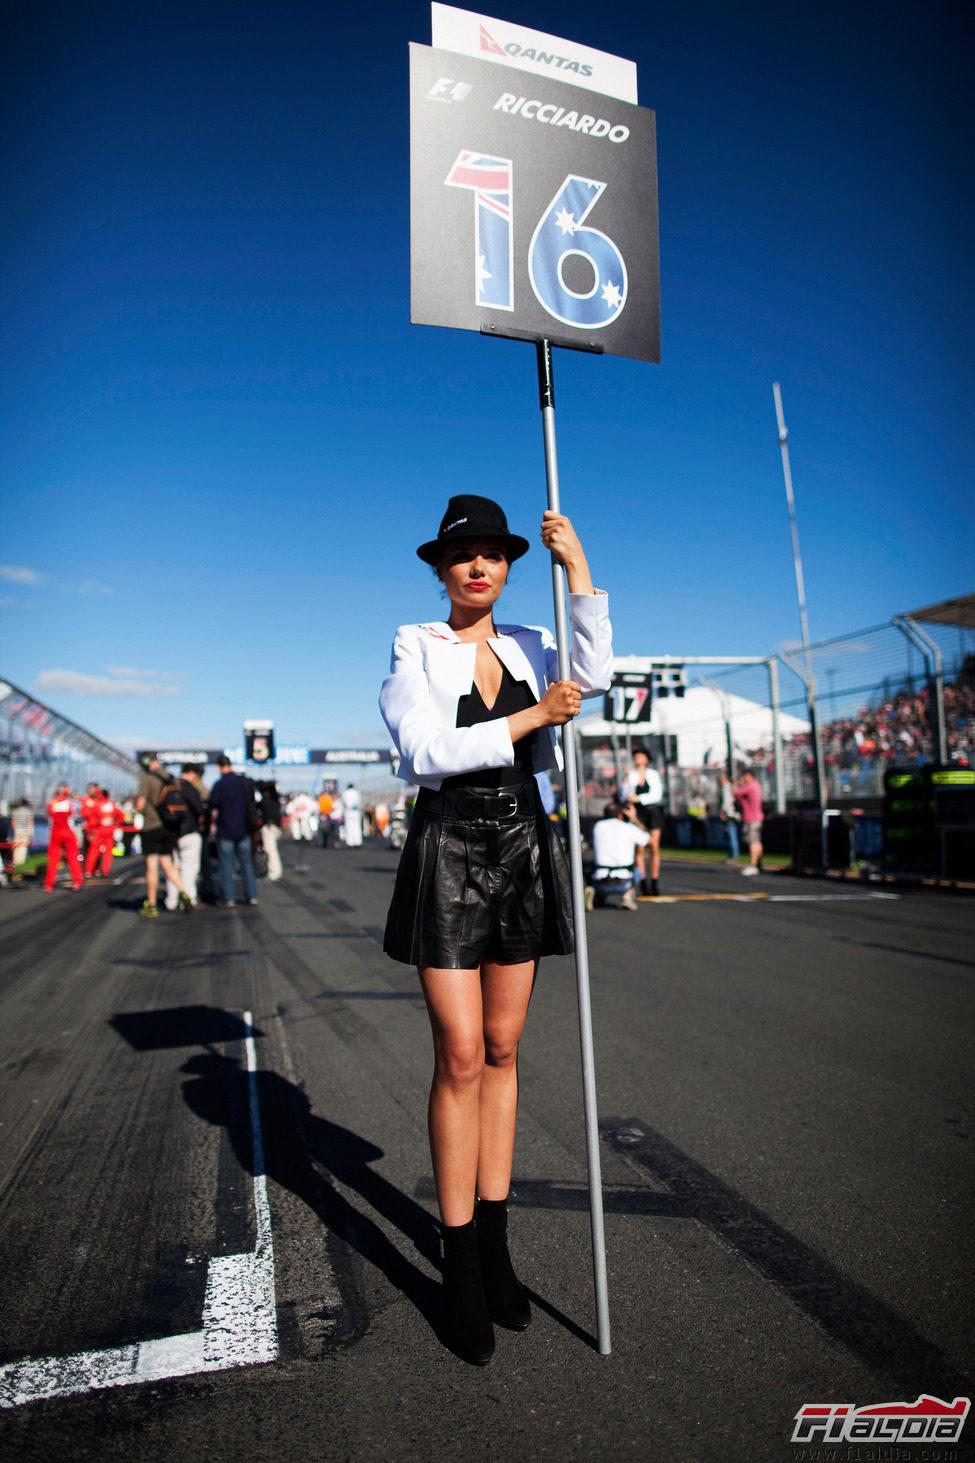 La 'pitbabe' de Daniel Ricciardo en el GP de Australia 2012